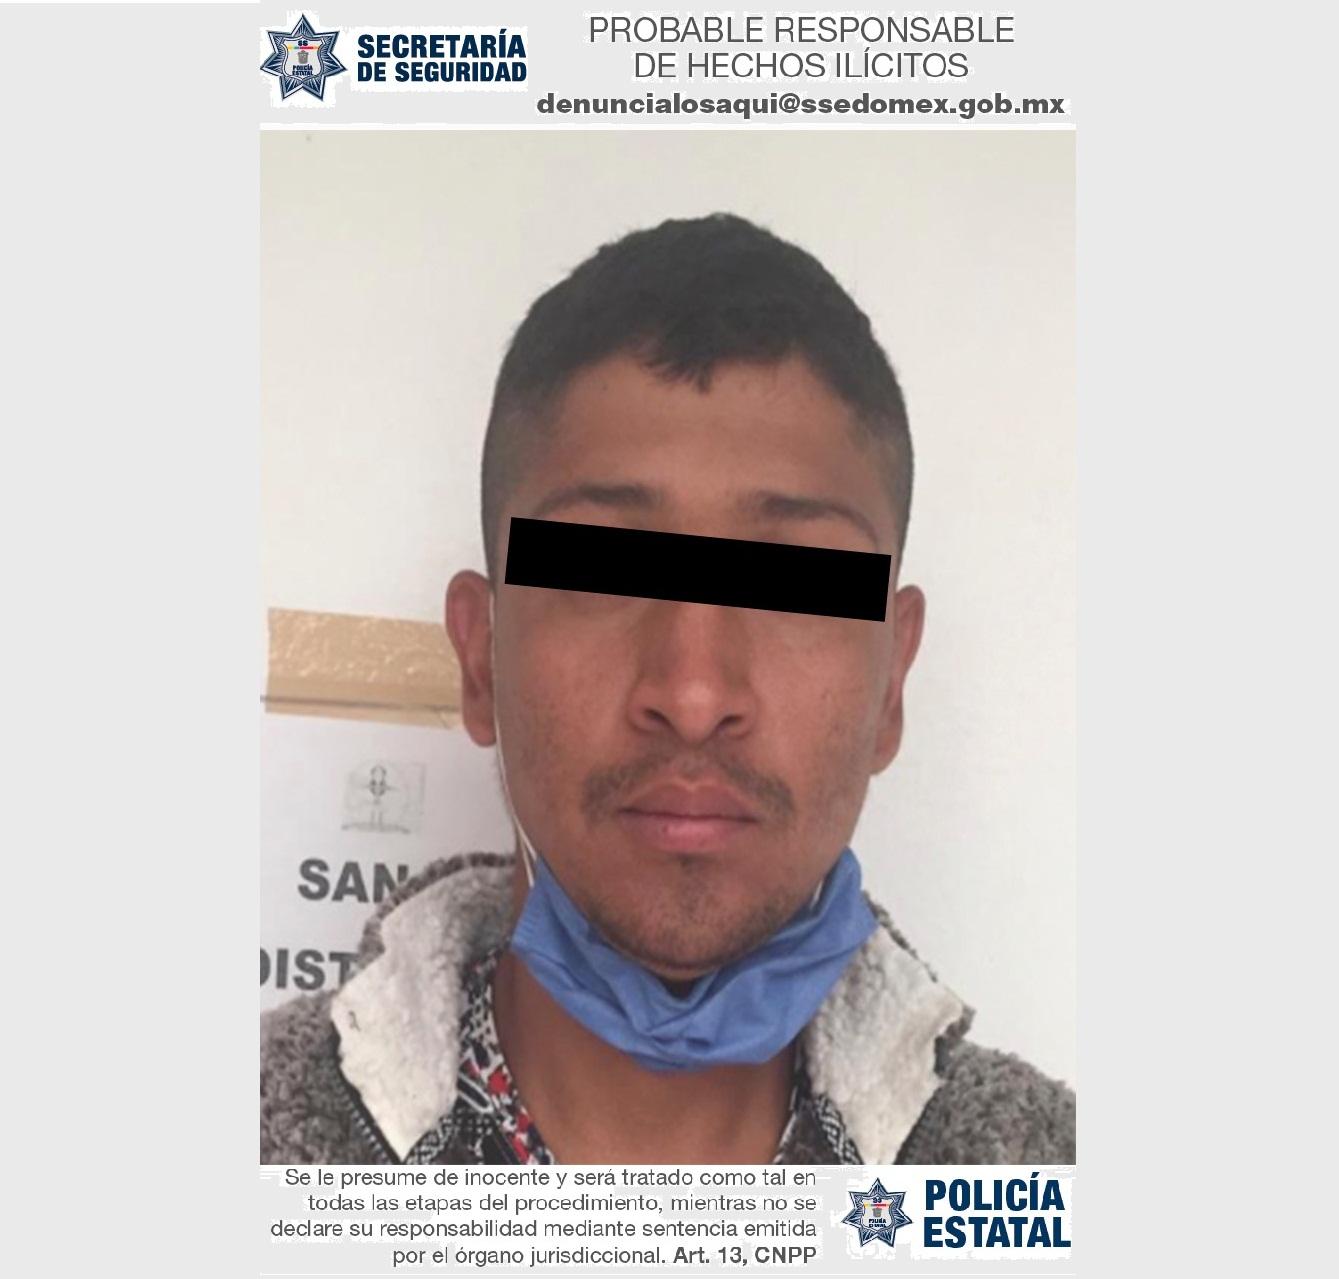 DETIENEN EN FLAGRANCIA A PROBABLE RESPONSABLE DEL ROBO CON VIOLENCIA A UN NEGOCIO